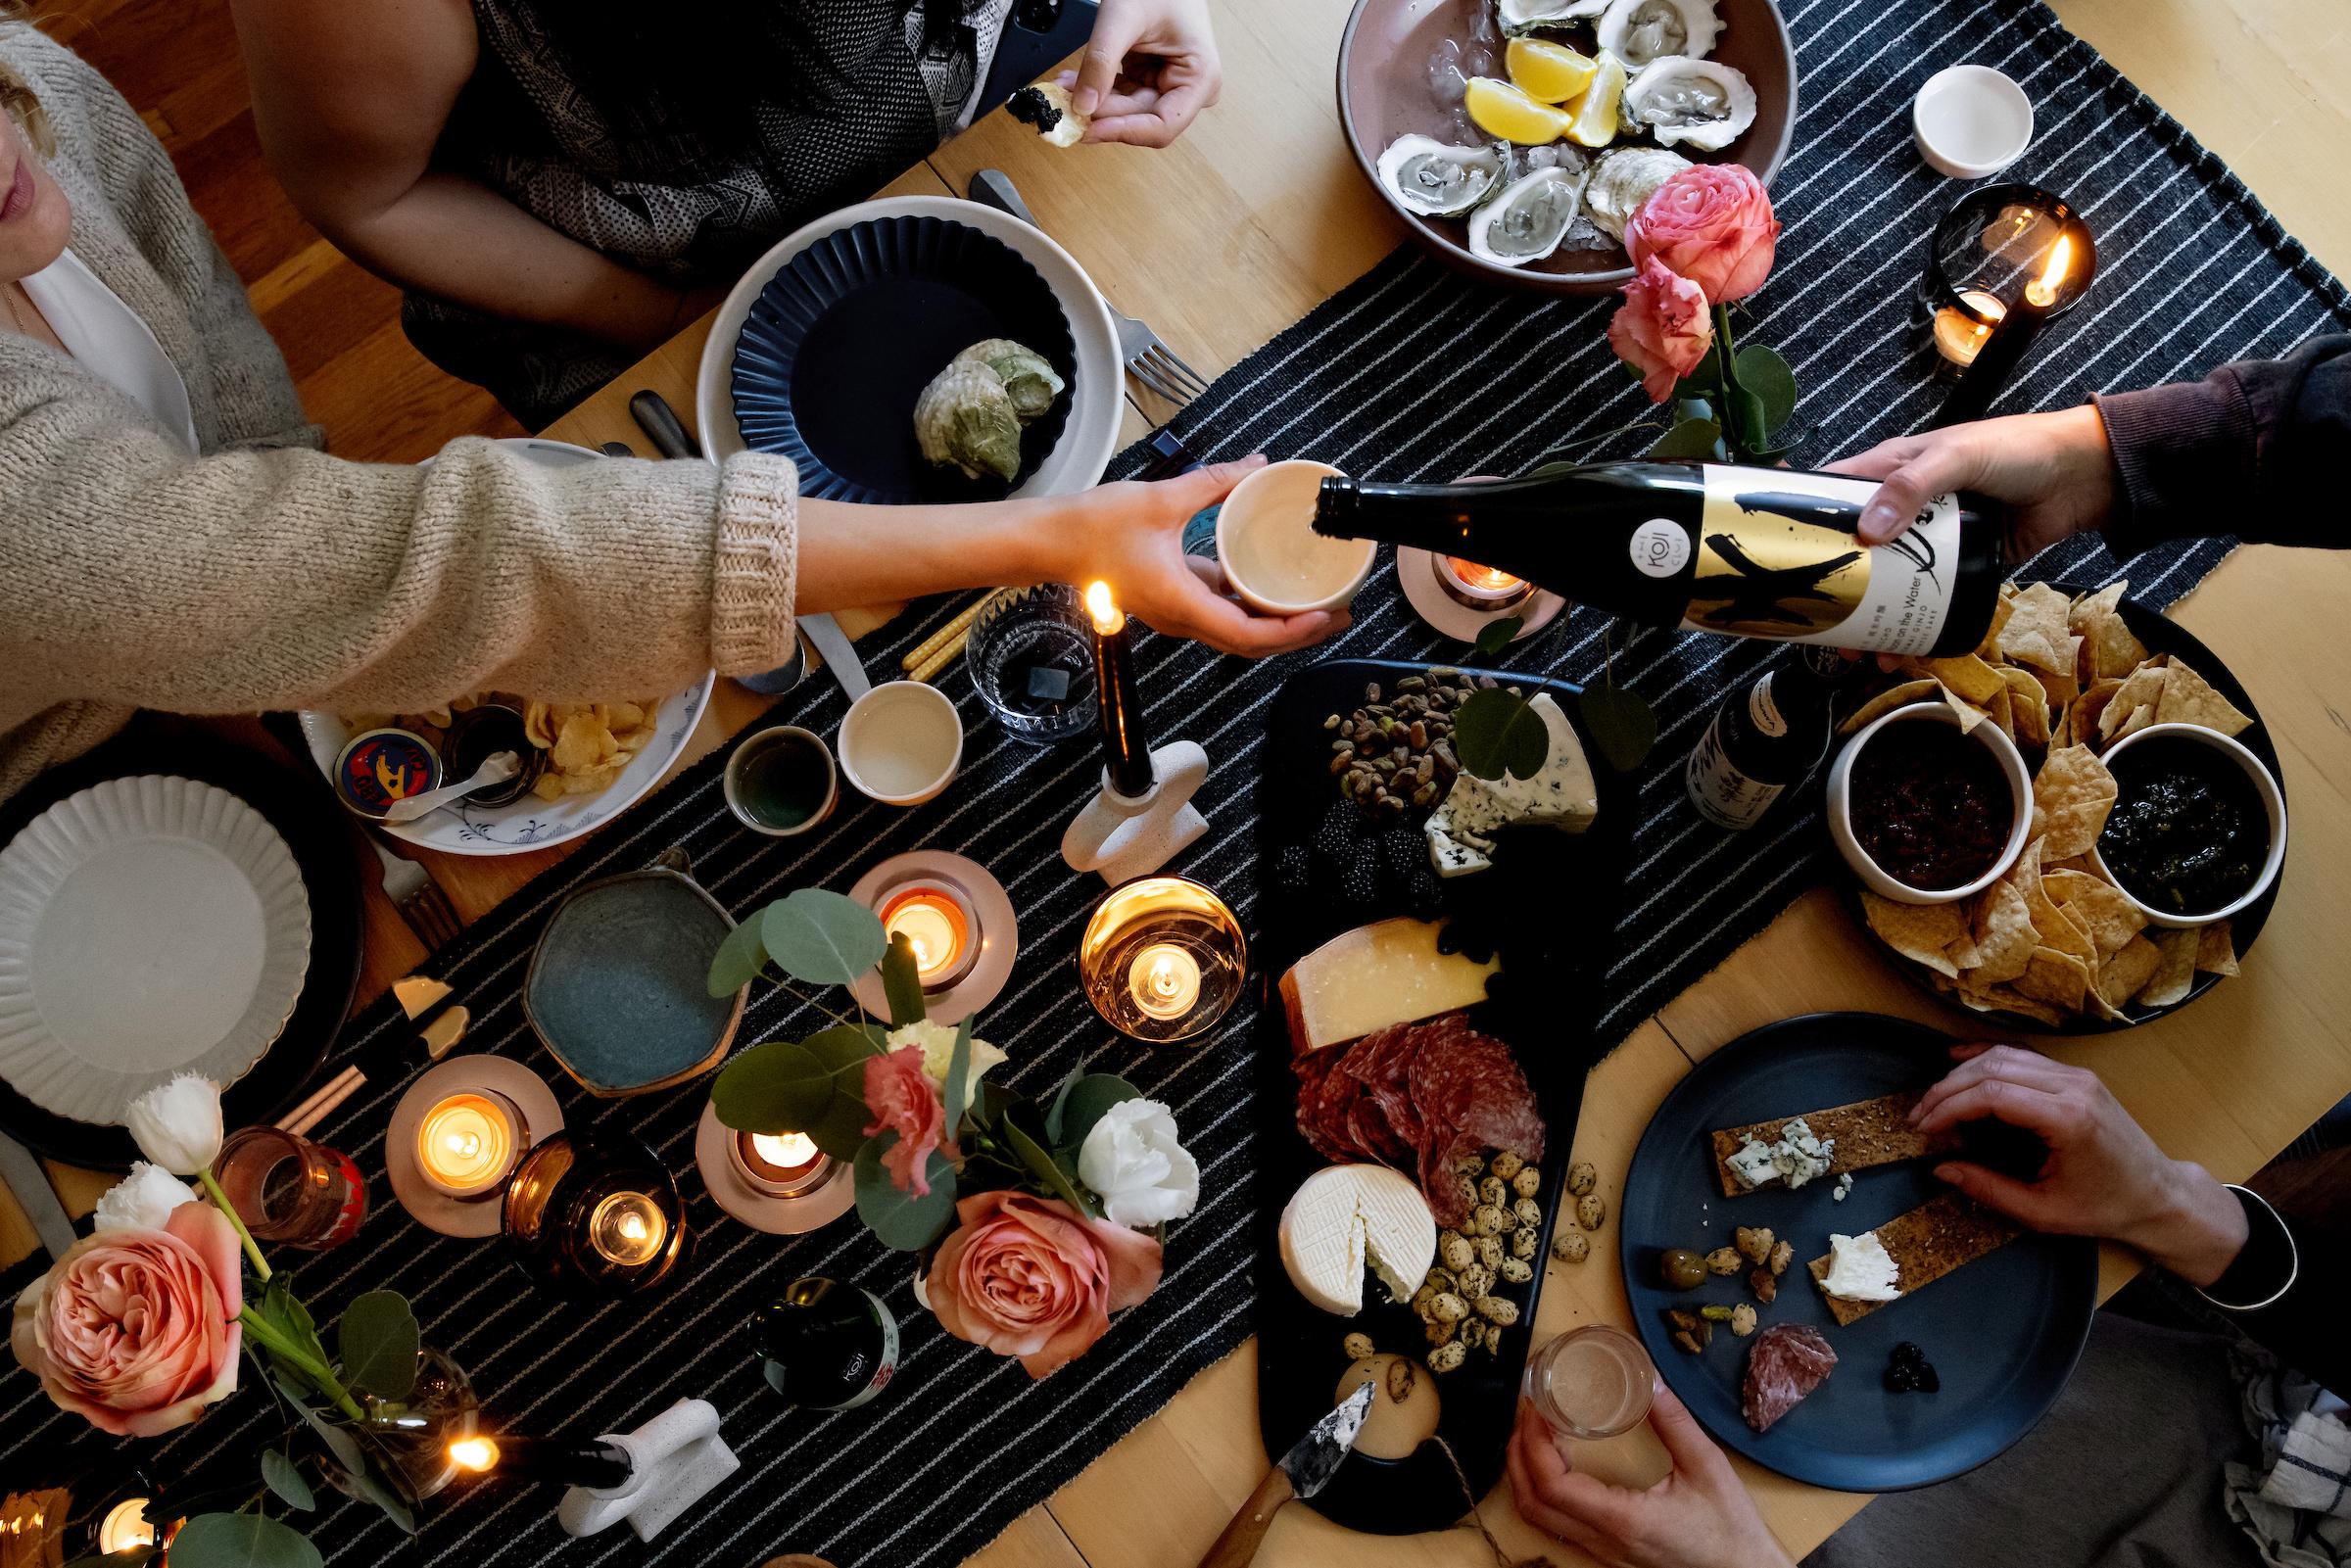 头顶上,一群人把清酒倒在桌子上。桌子上还有牡蛎。